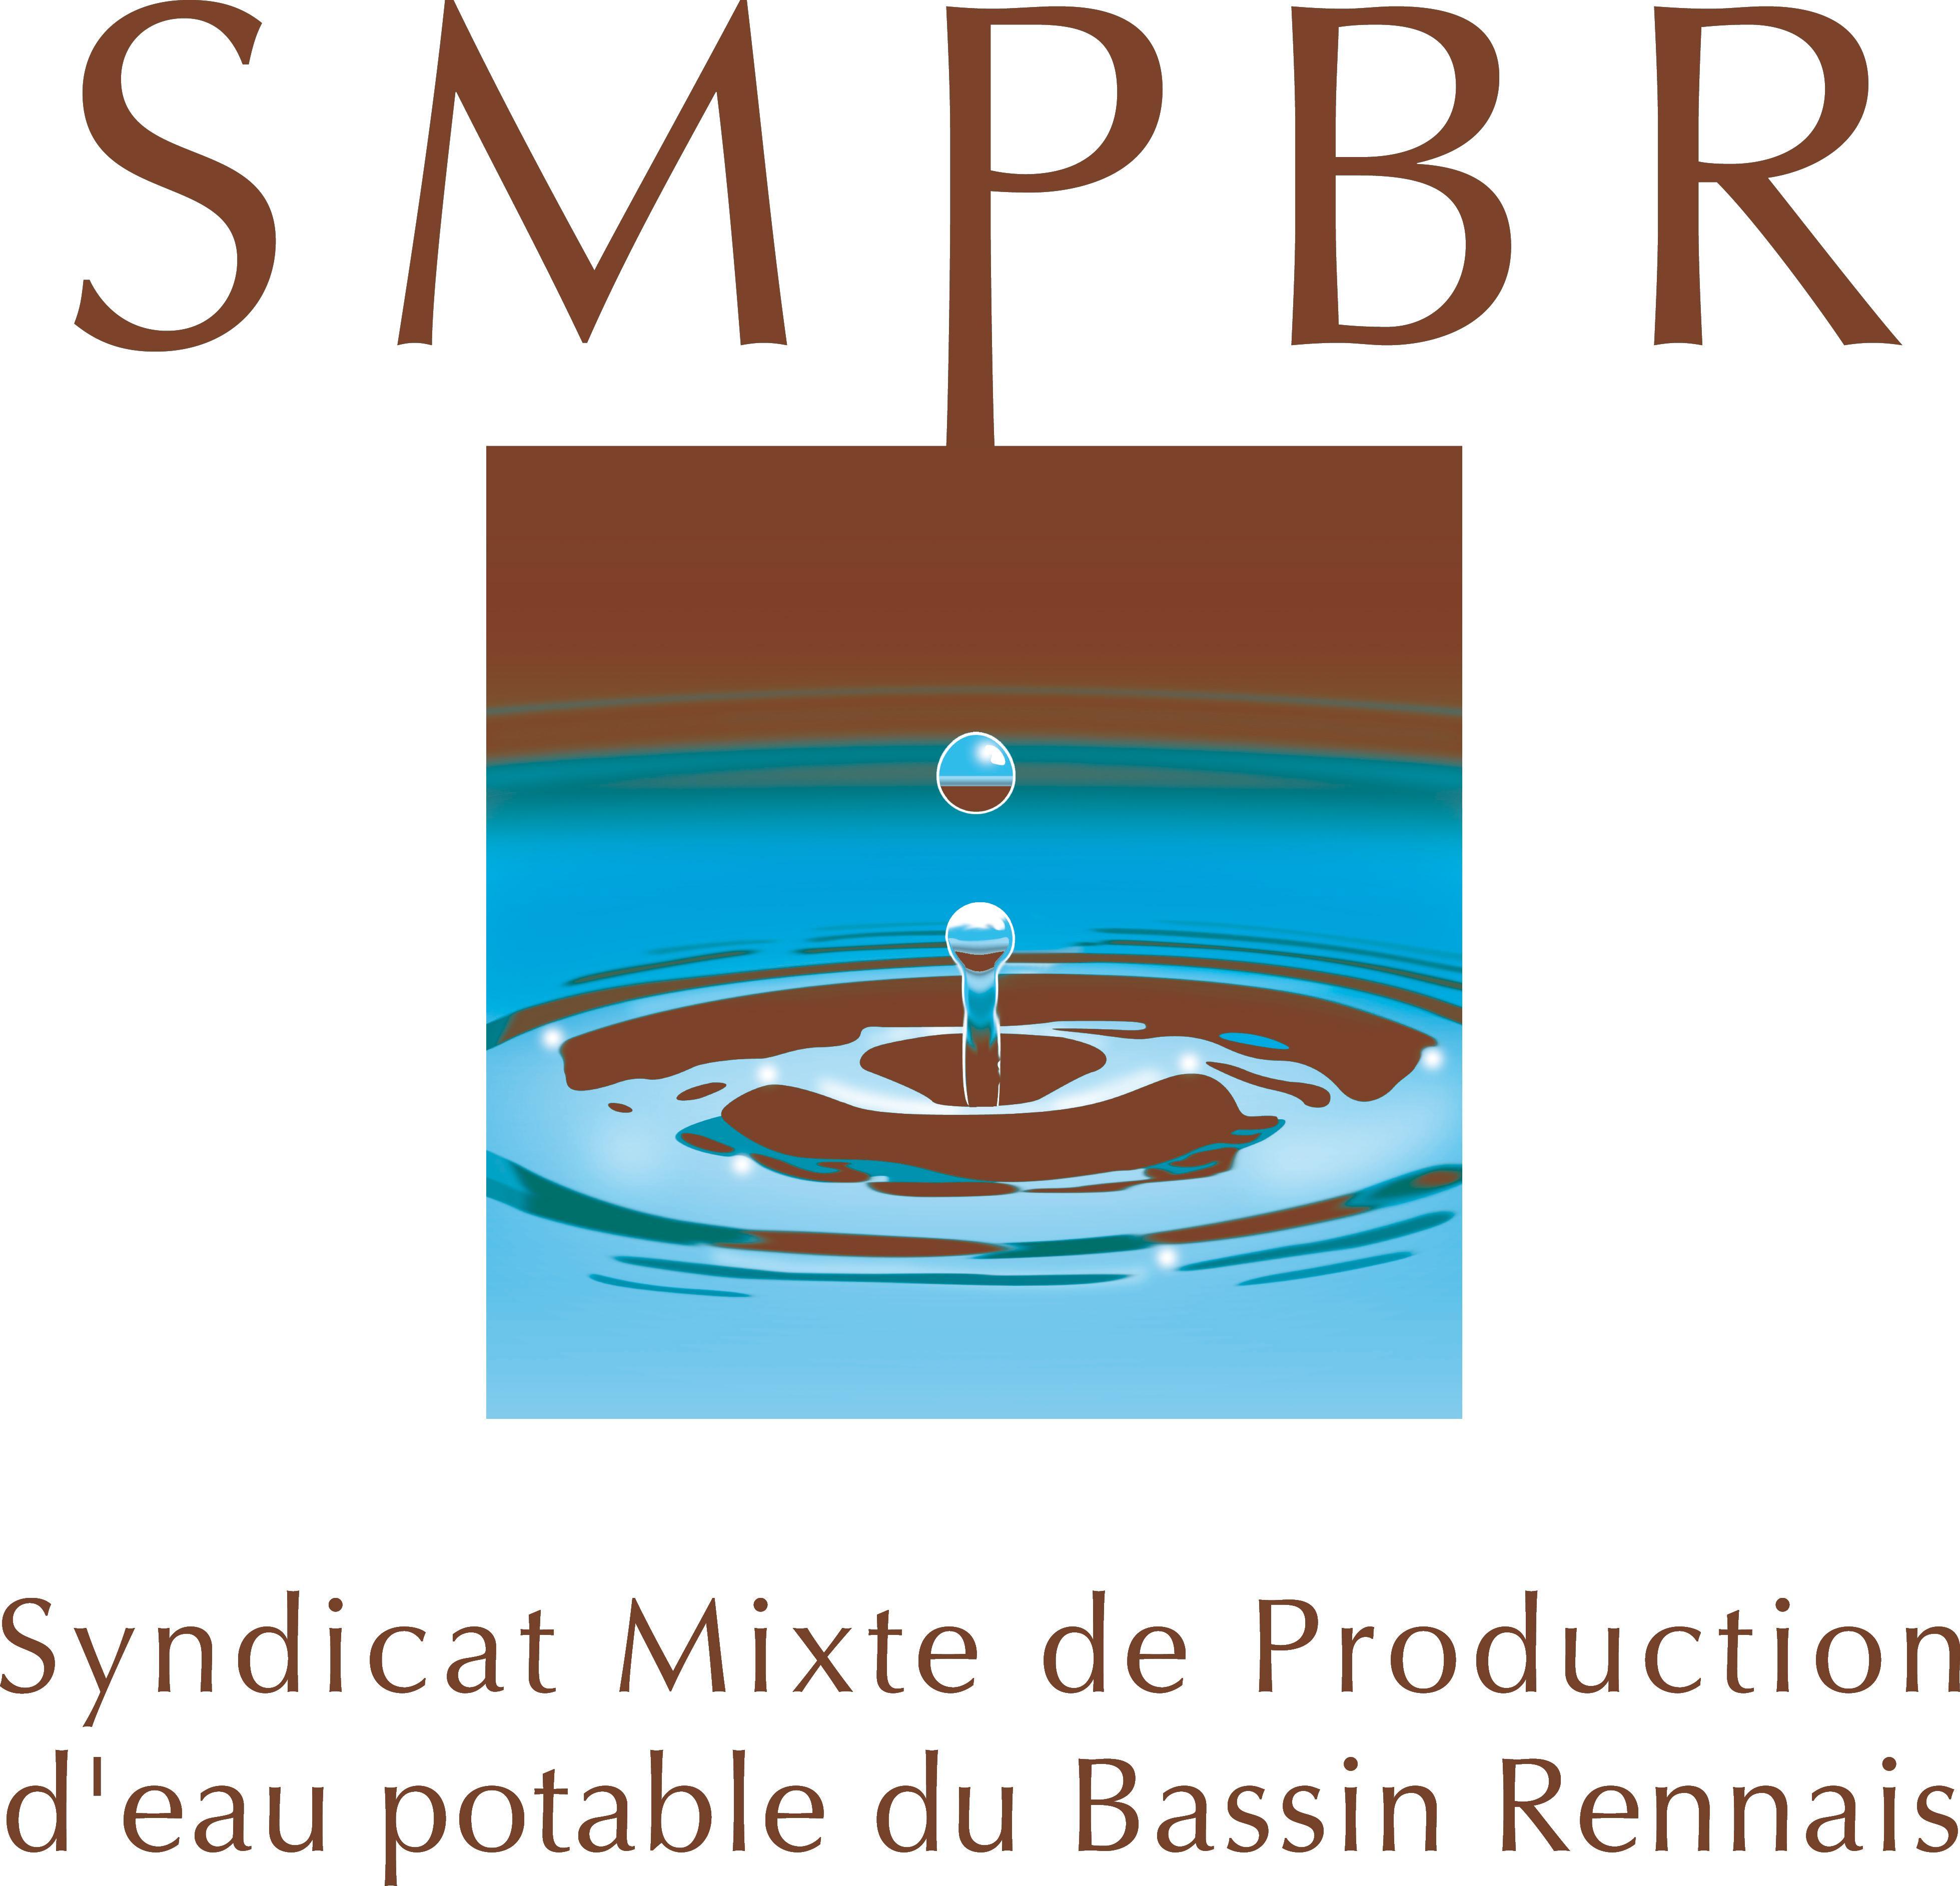 SMPBR